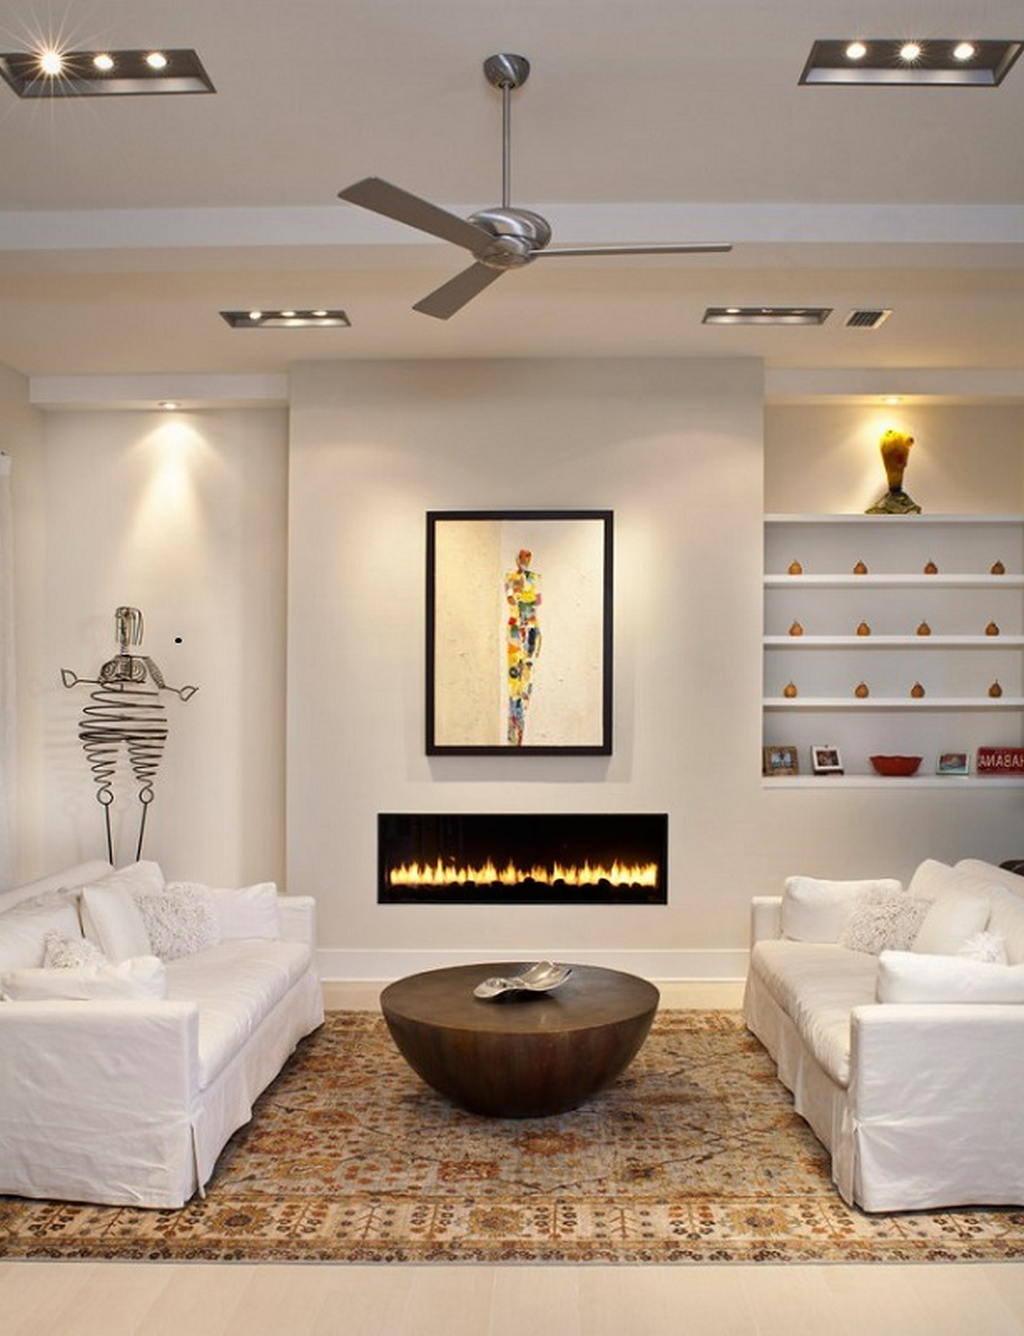 Тепло и уют — камин в интерьере квартиры и дома 5